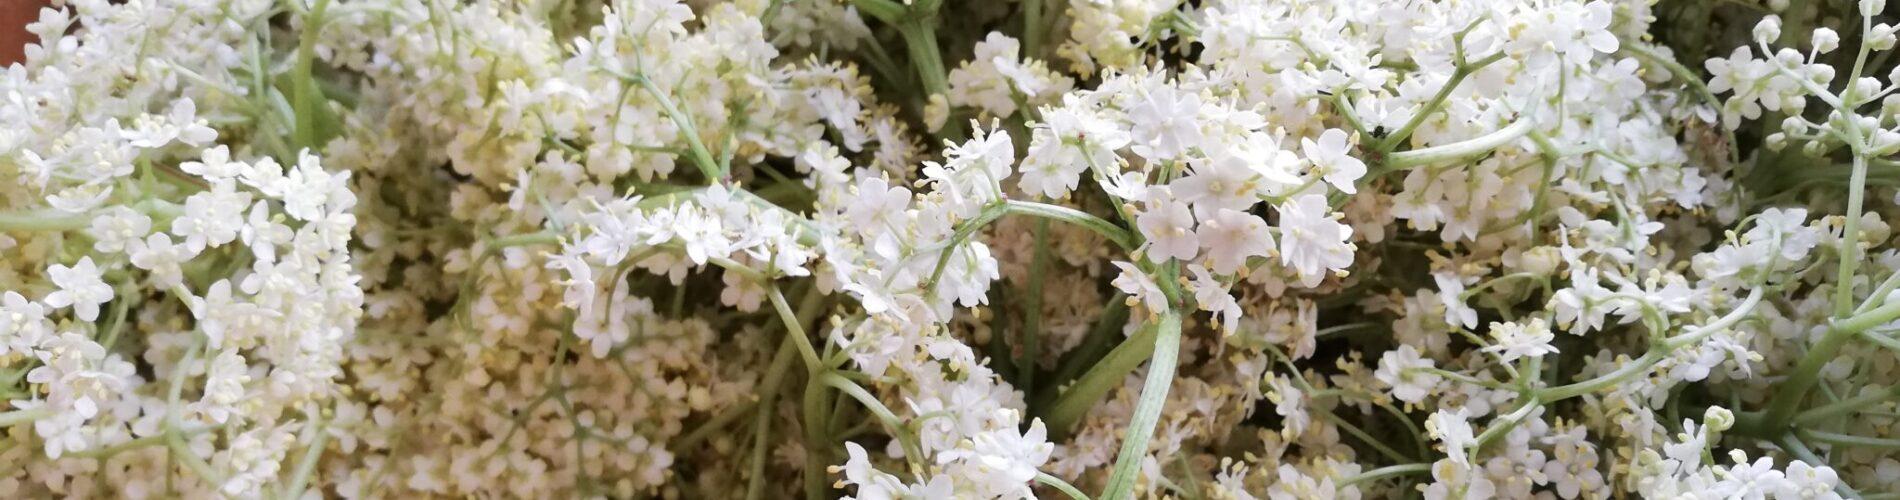 yld (Sambucus nigra) giver nogle skønne blomster. Disse blomster dufter godt, og kan bruges til en livsgivende drik - Hyldeblomstsaft! Mad og drikke - blog - Ildfugl.com.